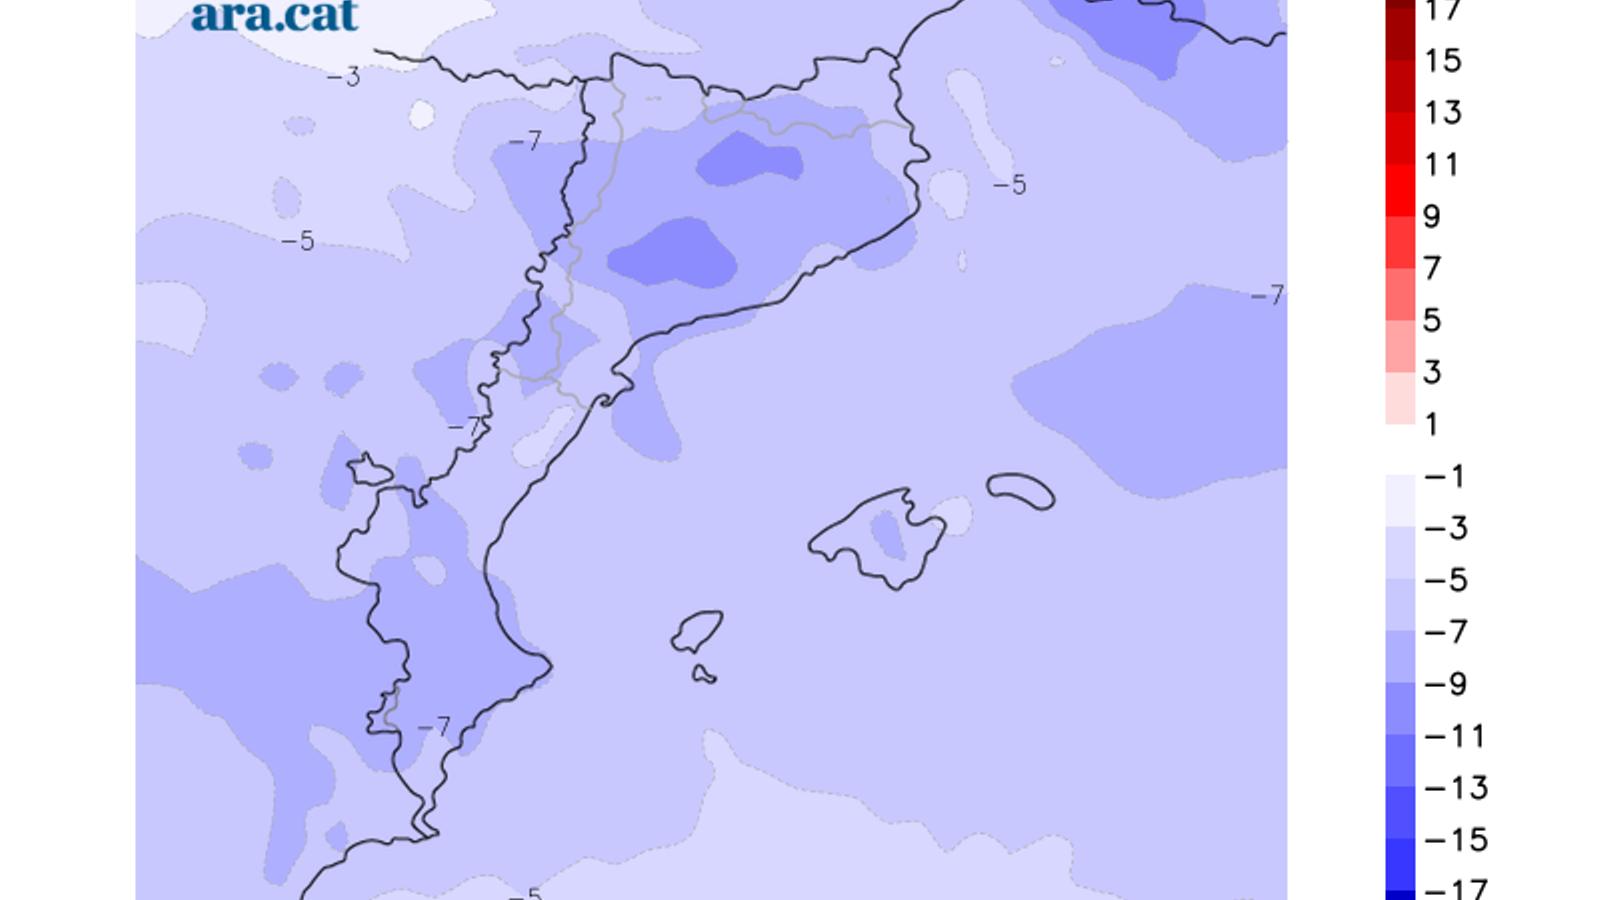 Diferència prevista entre la temperatura mínima d'avui i la de dissabte